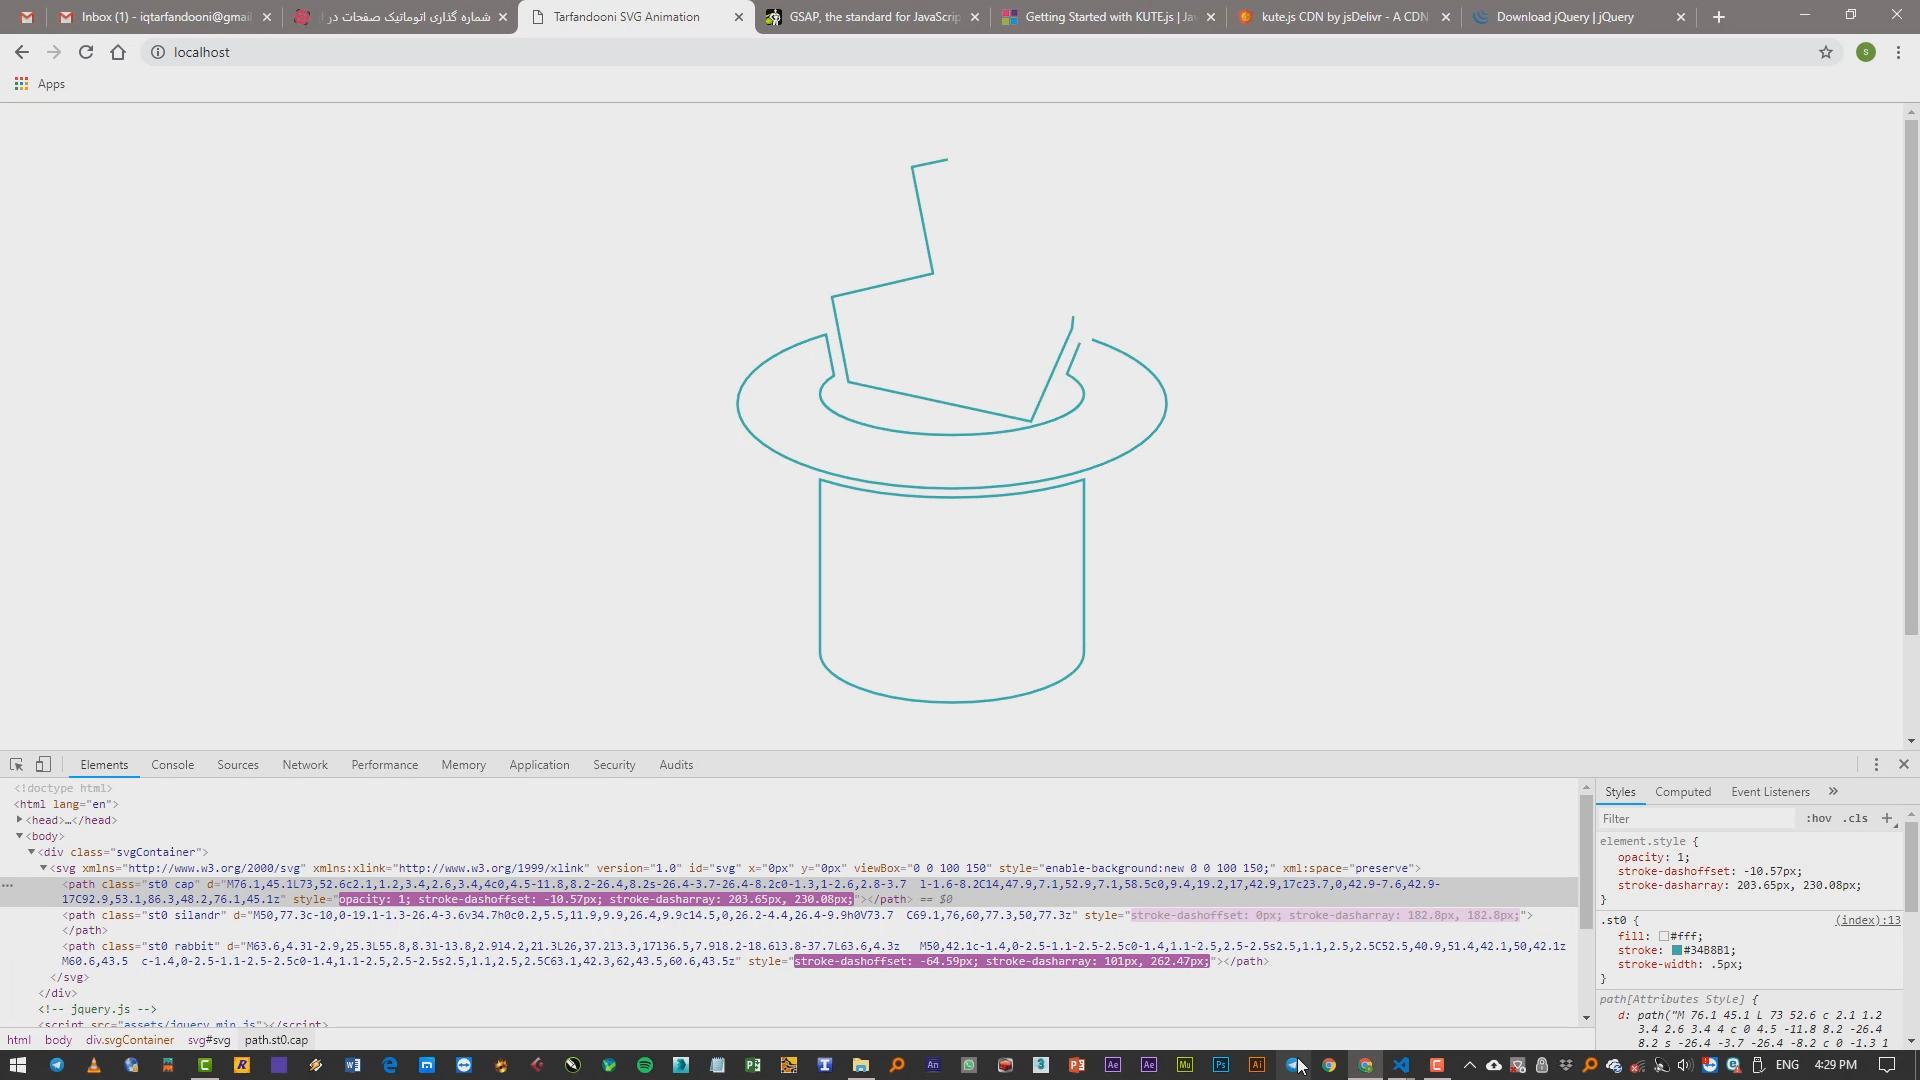 تولید وب انیمیشن ها استفاده از فایل های SVG